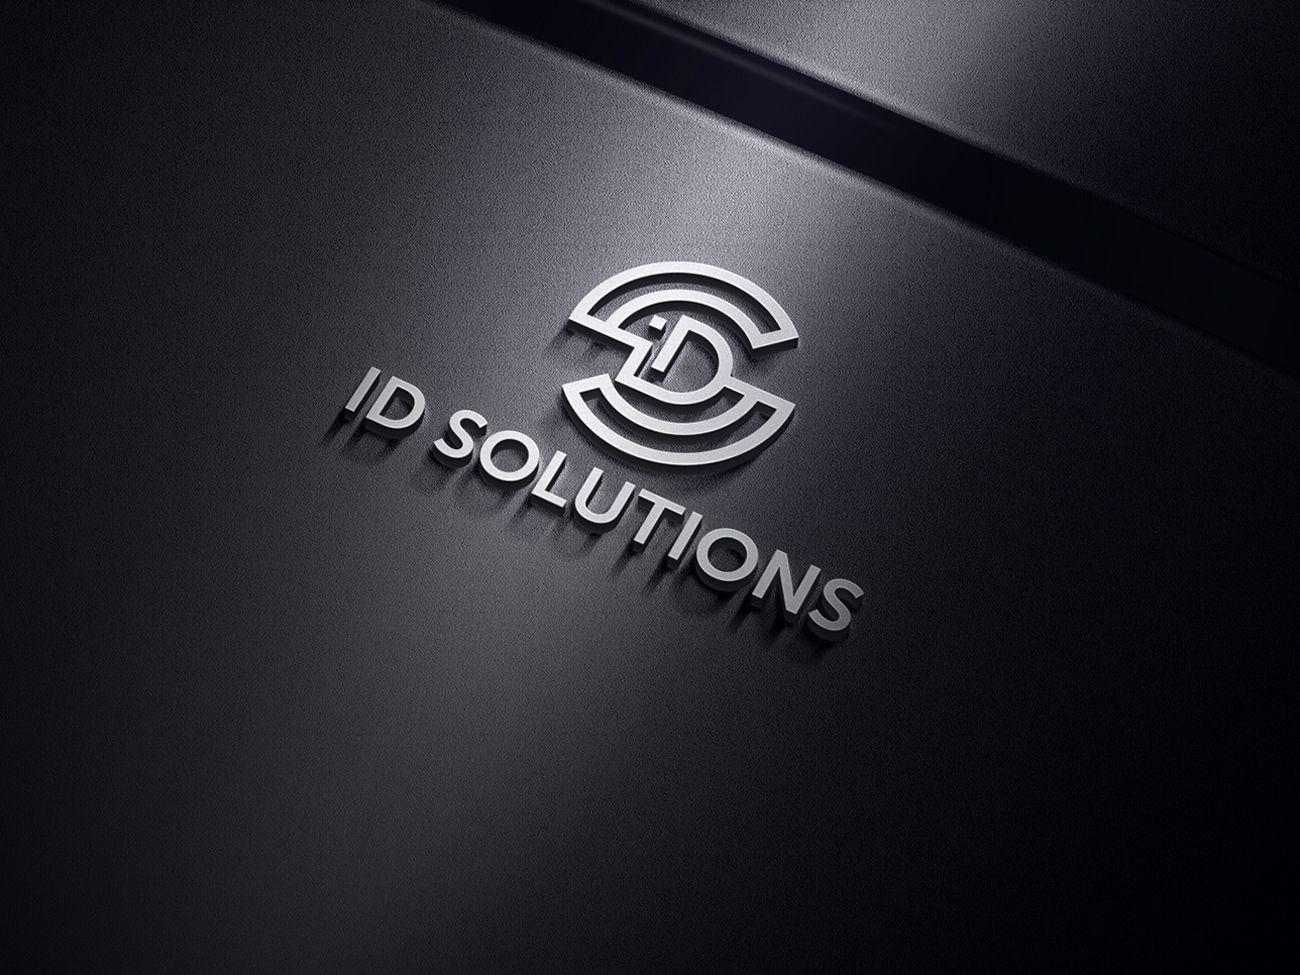 Лого и фирменный стиль для iD Solutions - дизайнер mz777